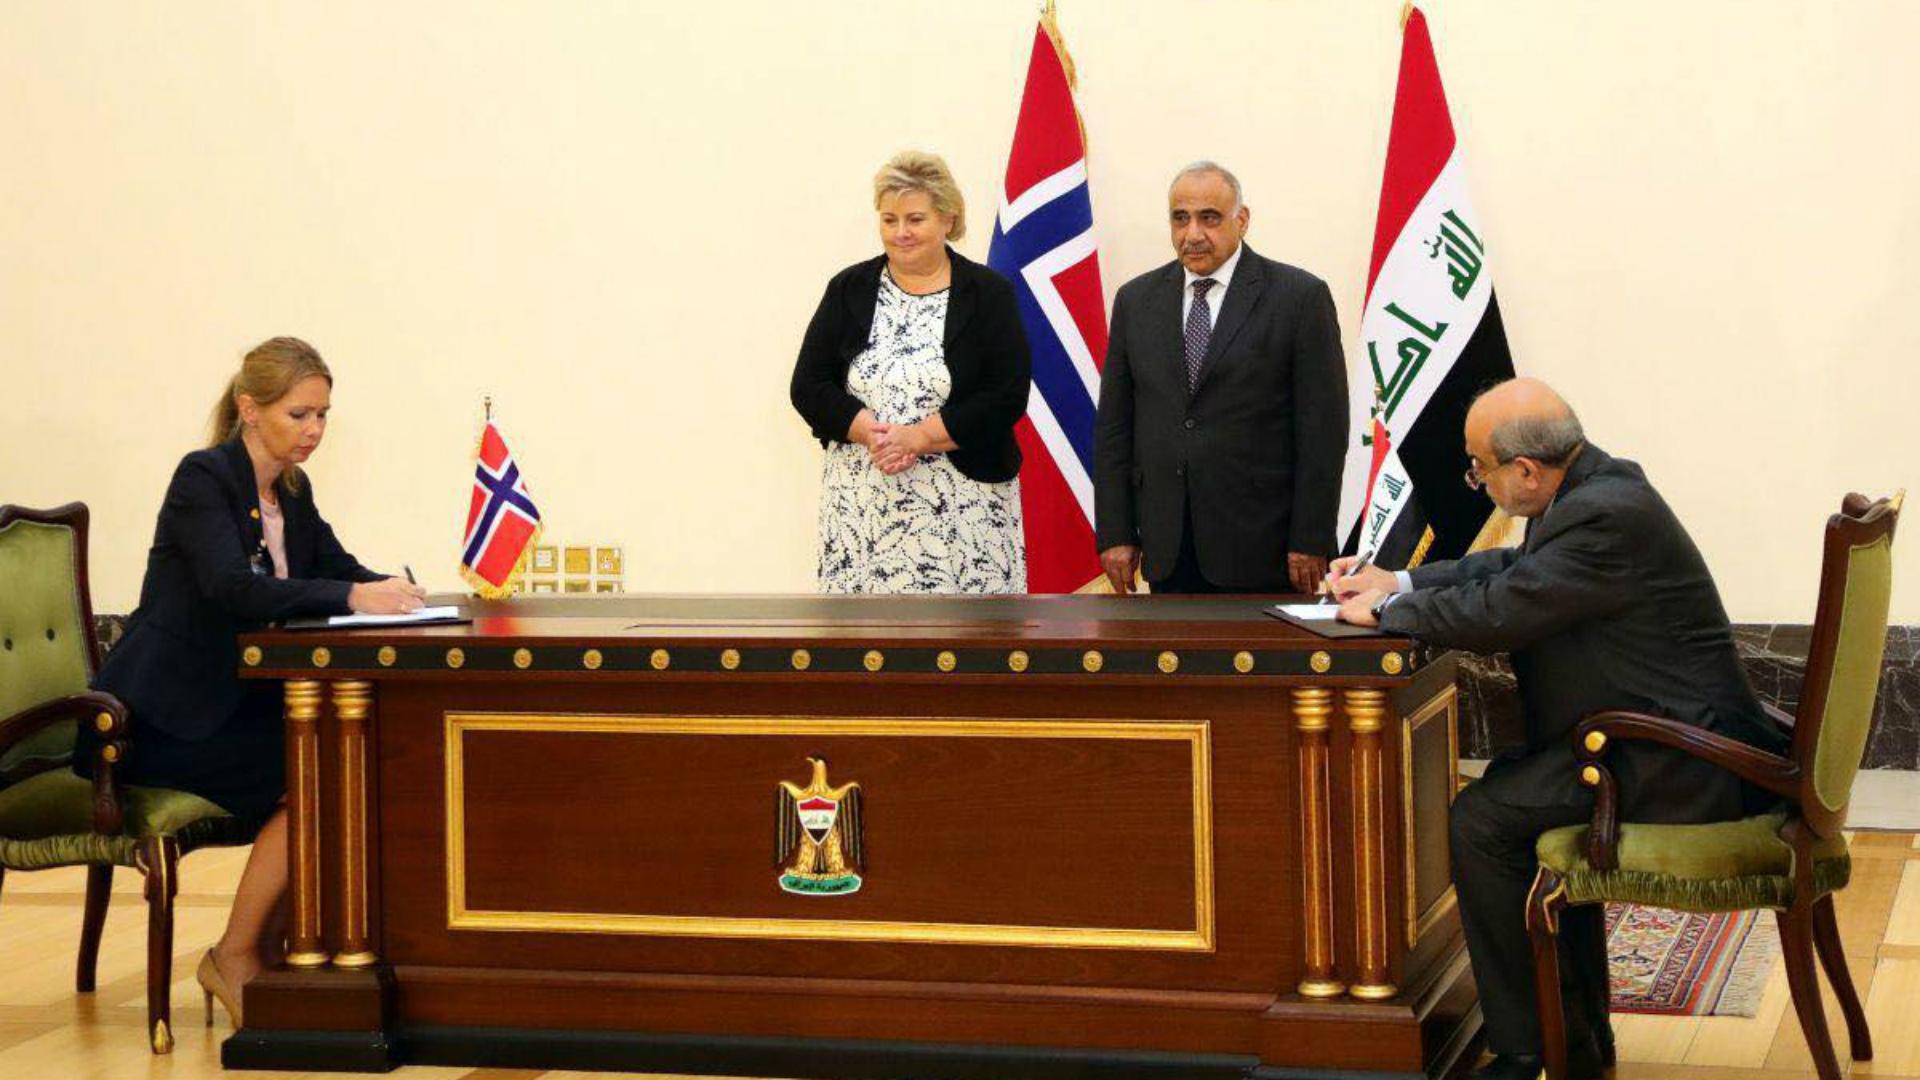 العراق يوقع اتفاقية النفط مقابل التنمية مع النرويج